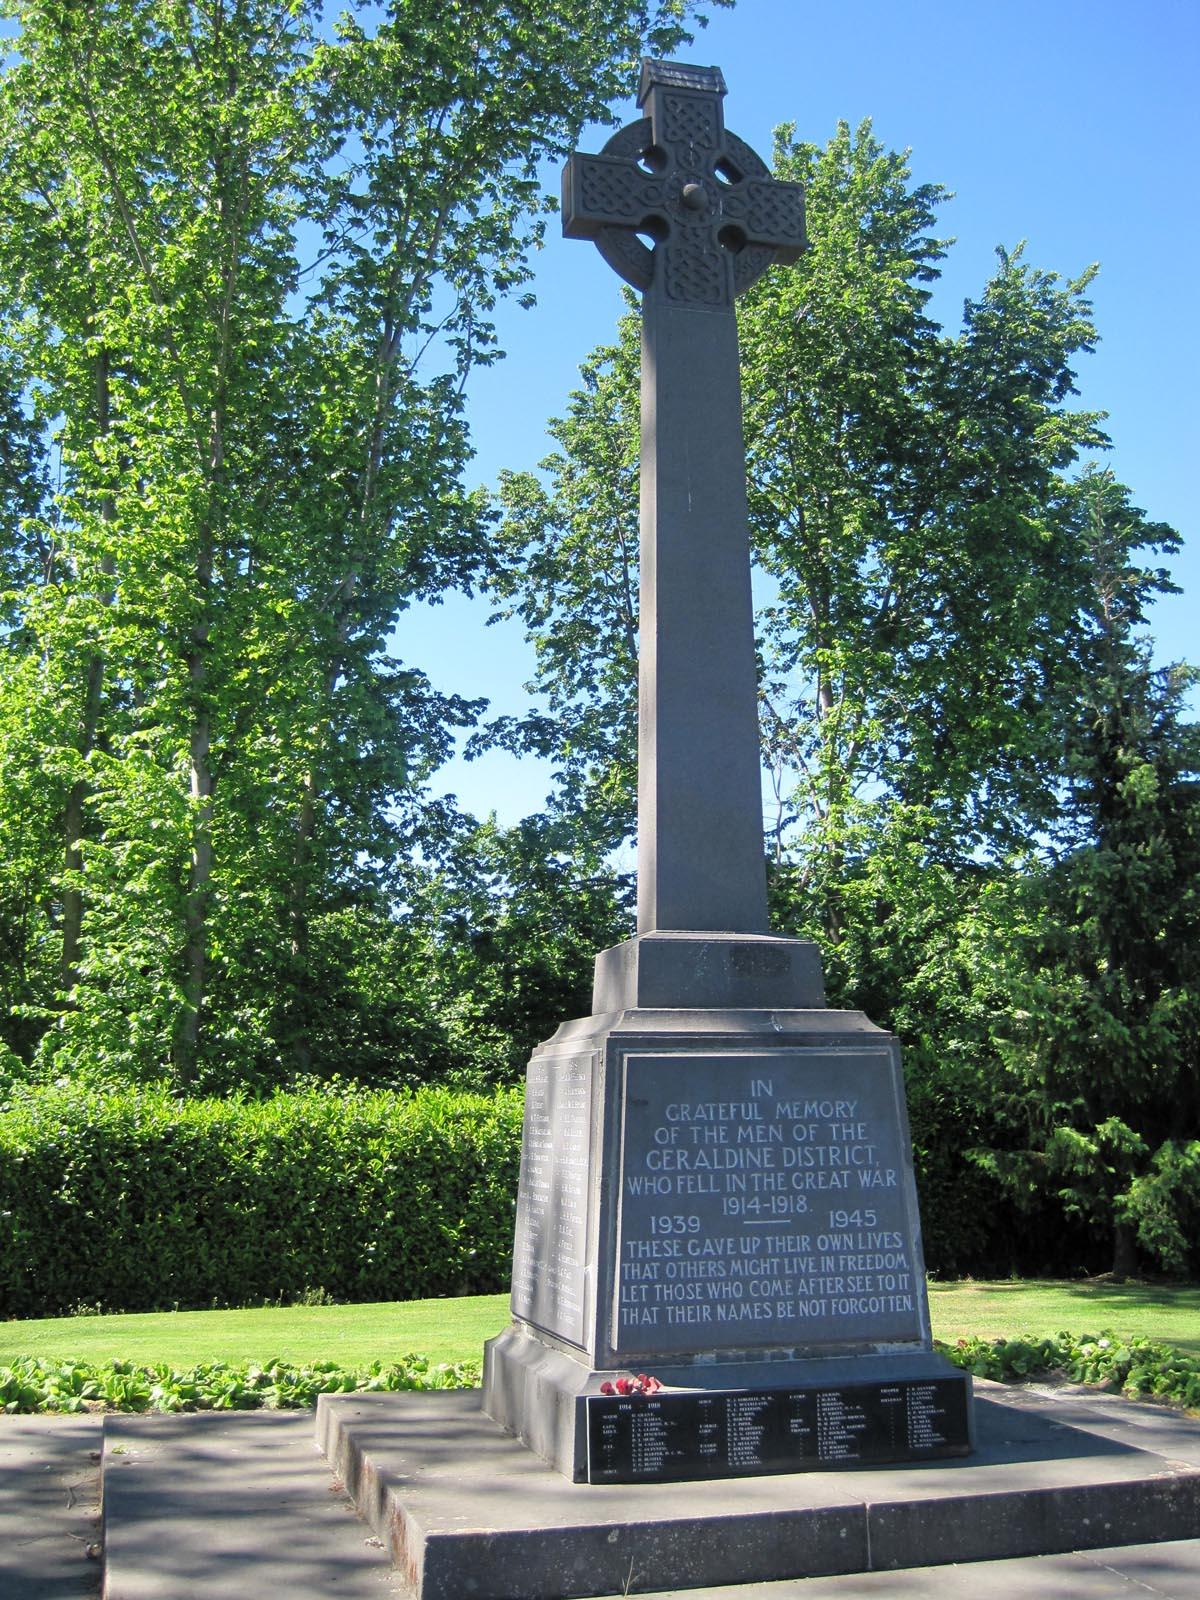 Geraldine War Memorial